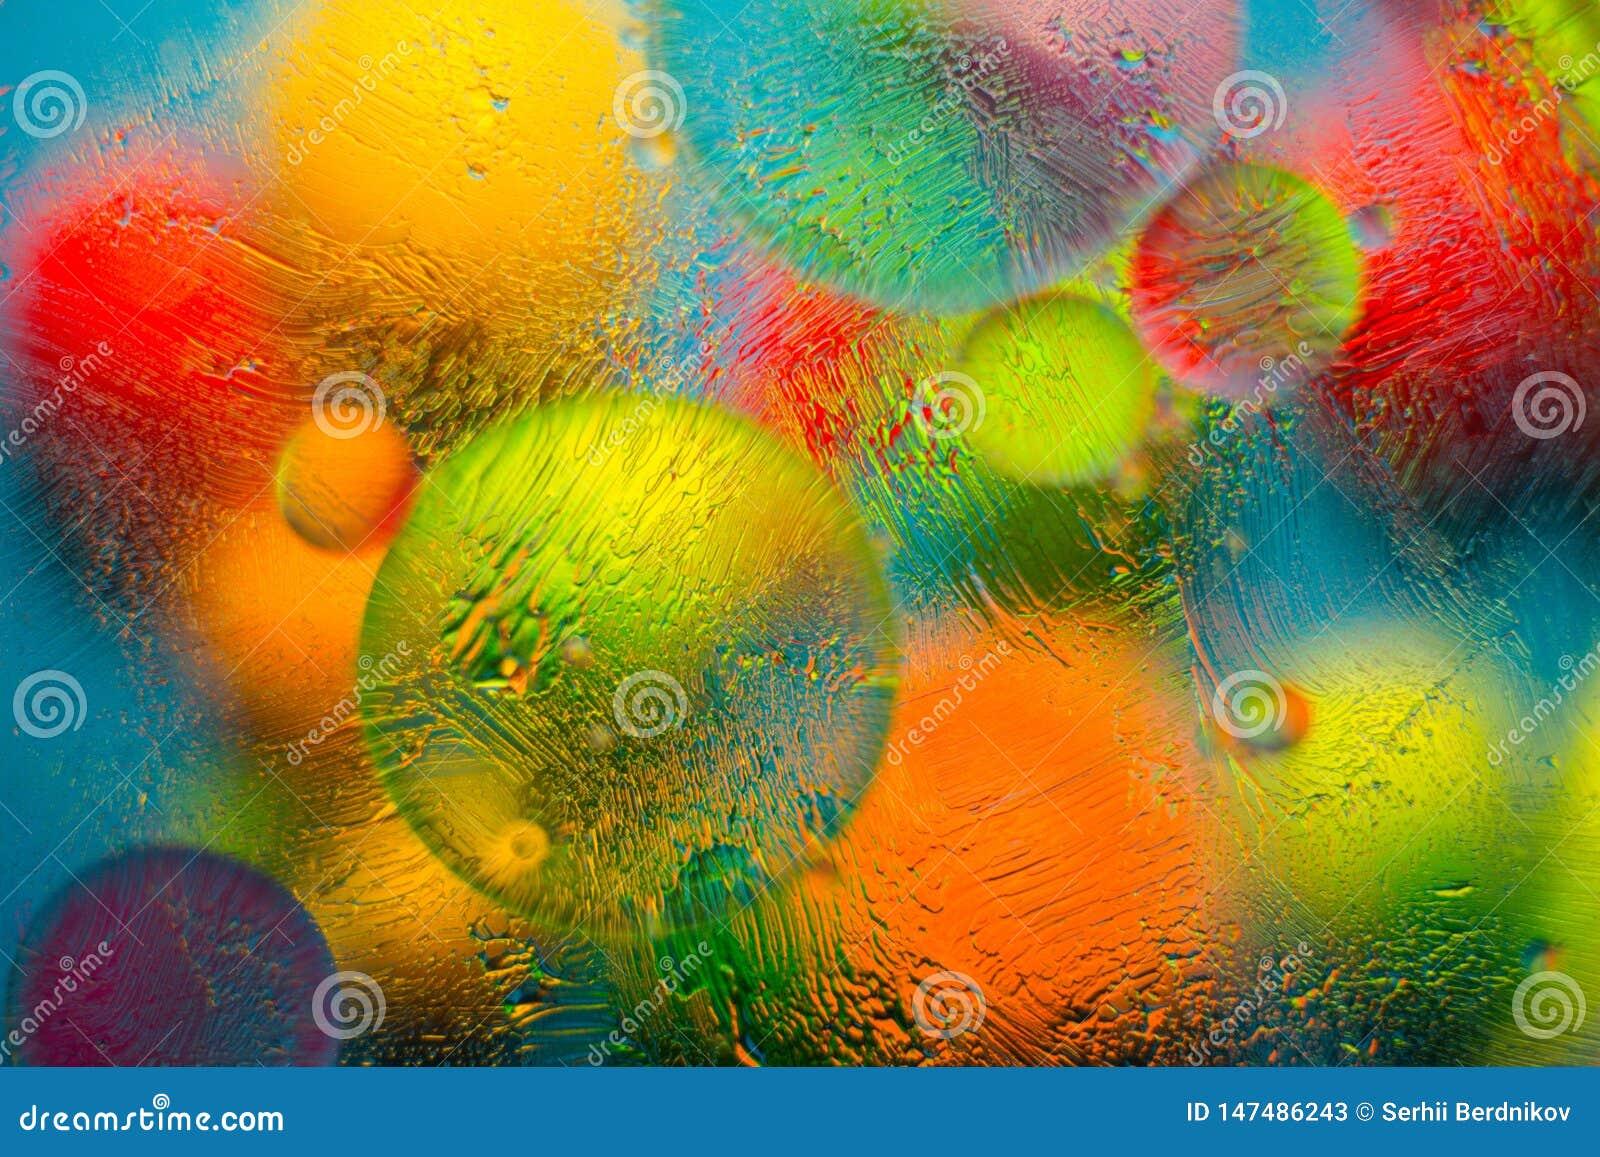 Fundo colorido ao misturar a água, o óleo e a pomada